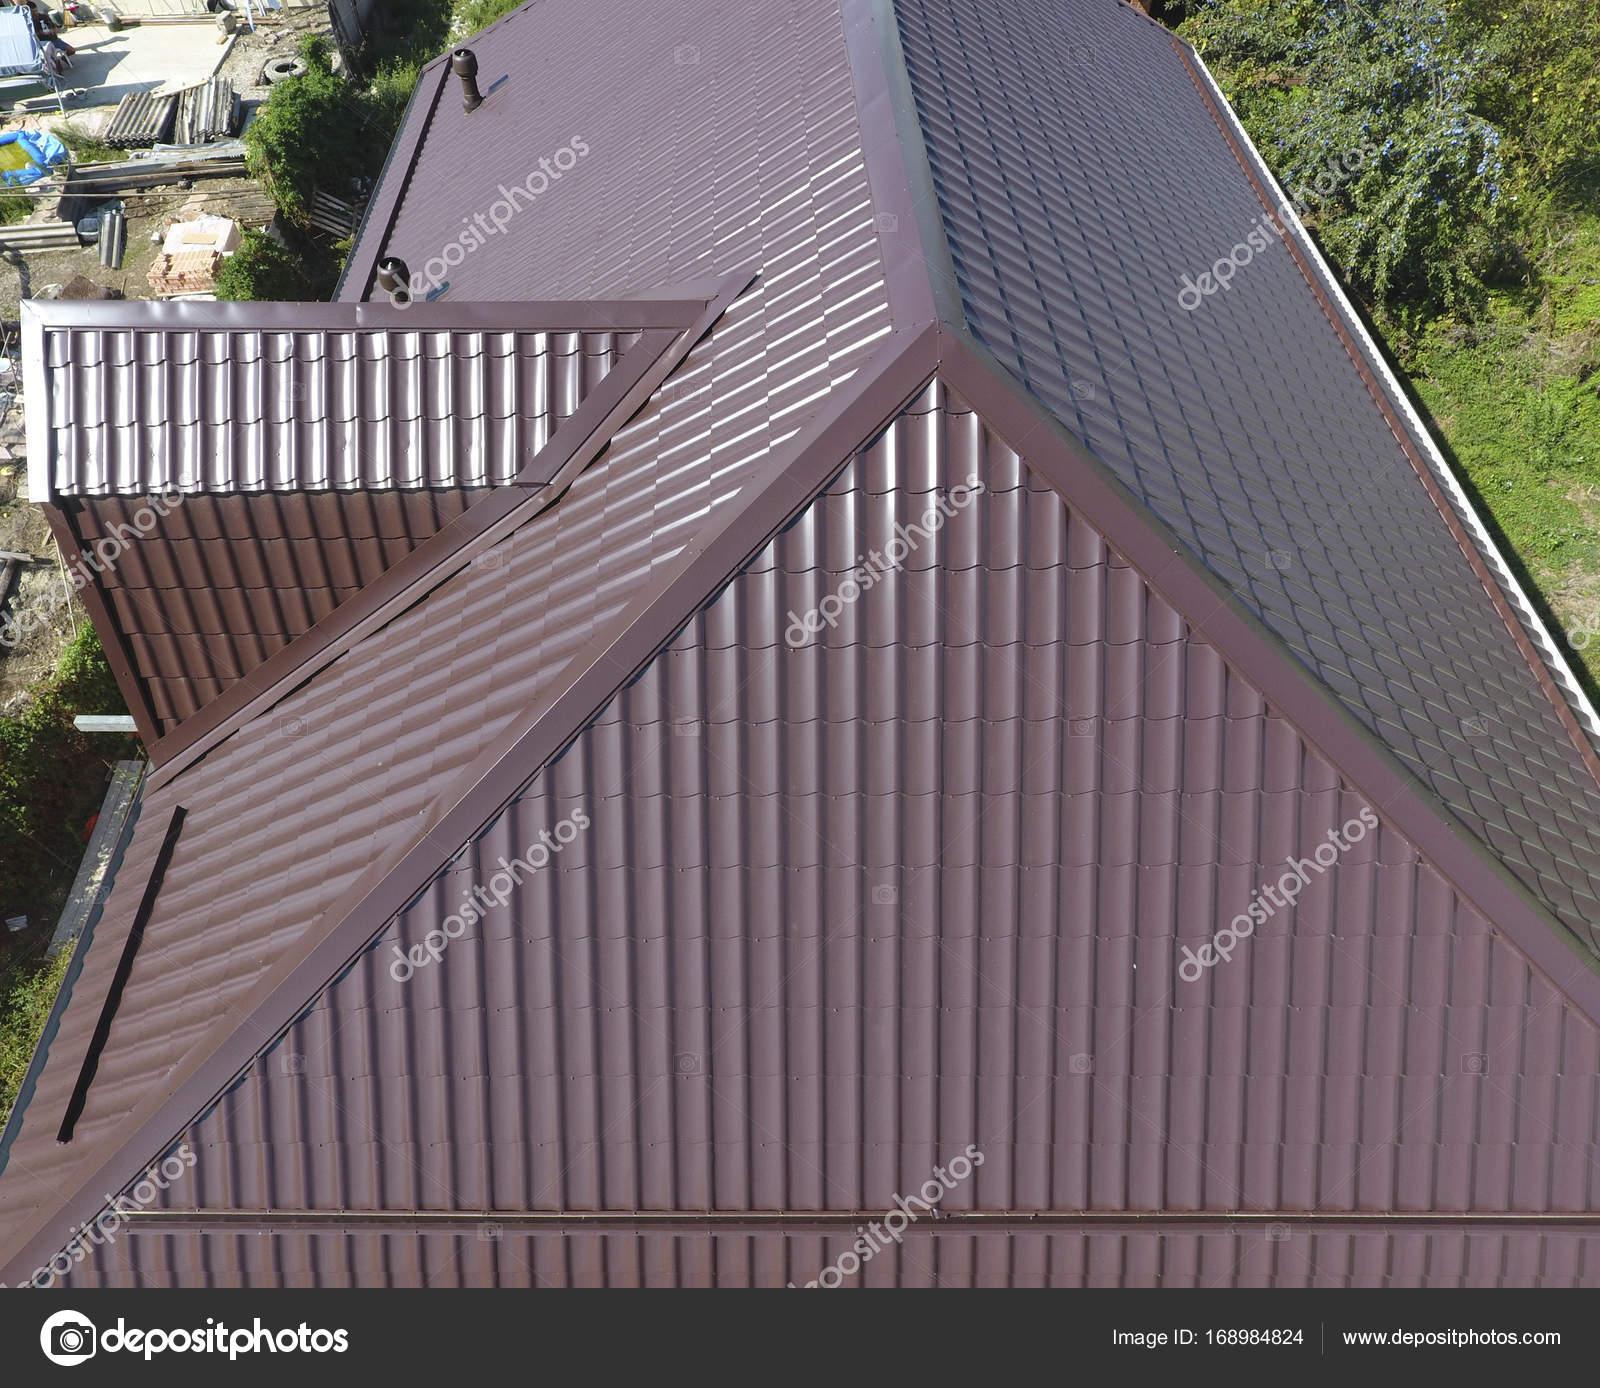 Une vue d en haut sur le toit de la maison le toit de t le ondul e toiture de forme ondul e - Maison en tole ondulee ...